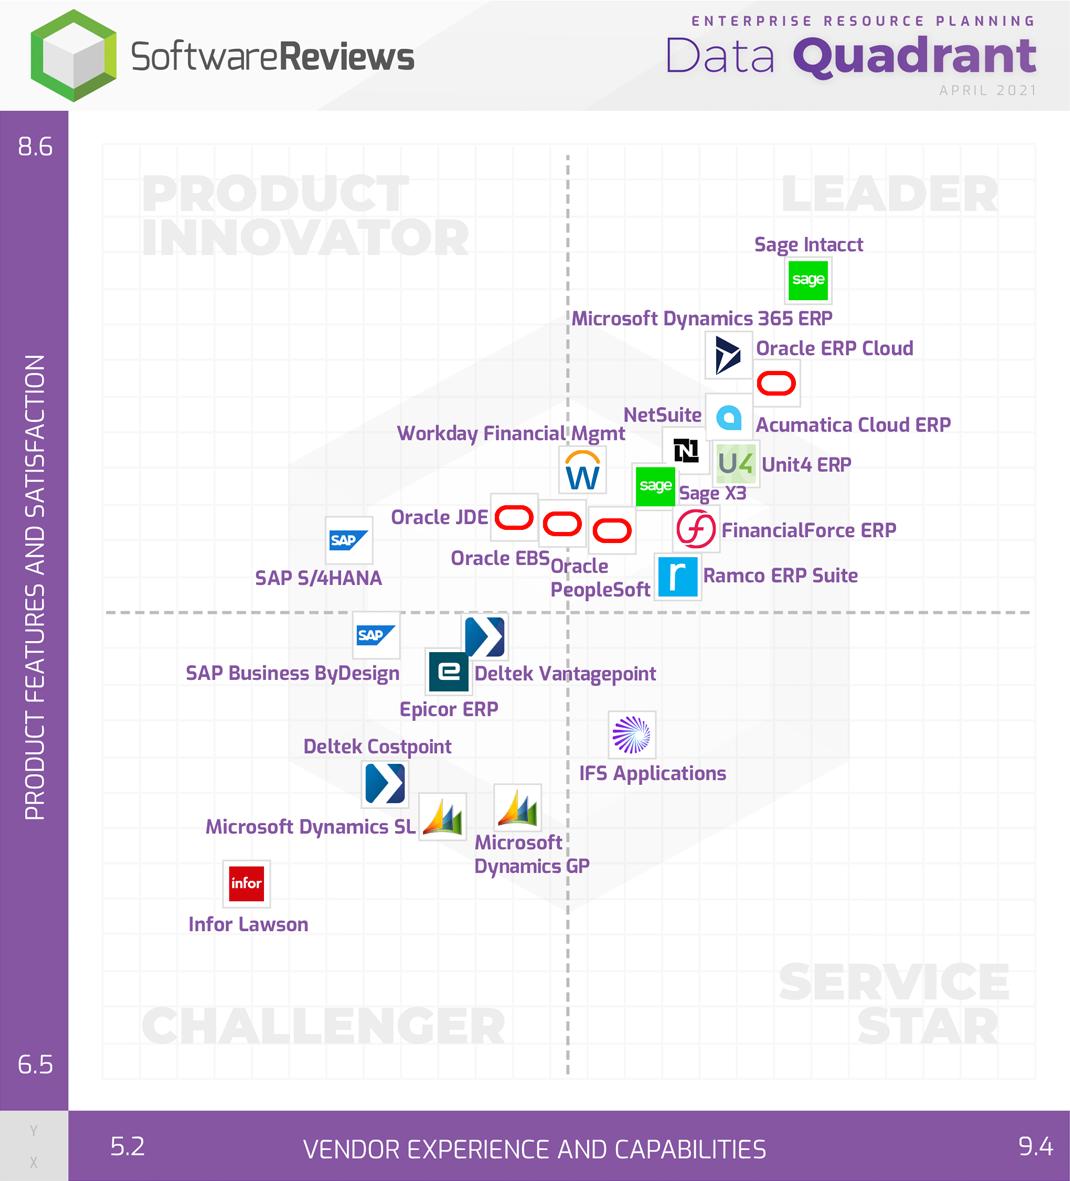 Enterprise Resource Planning Data Quadrant